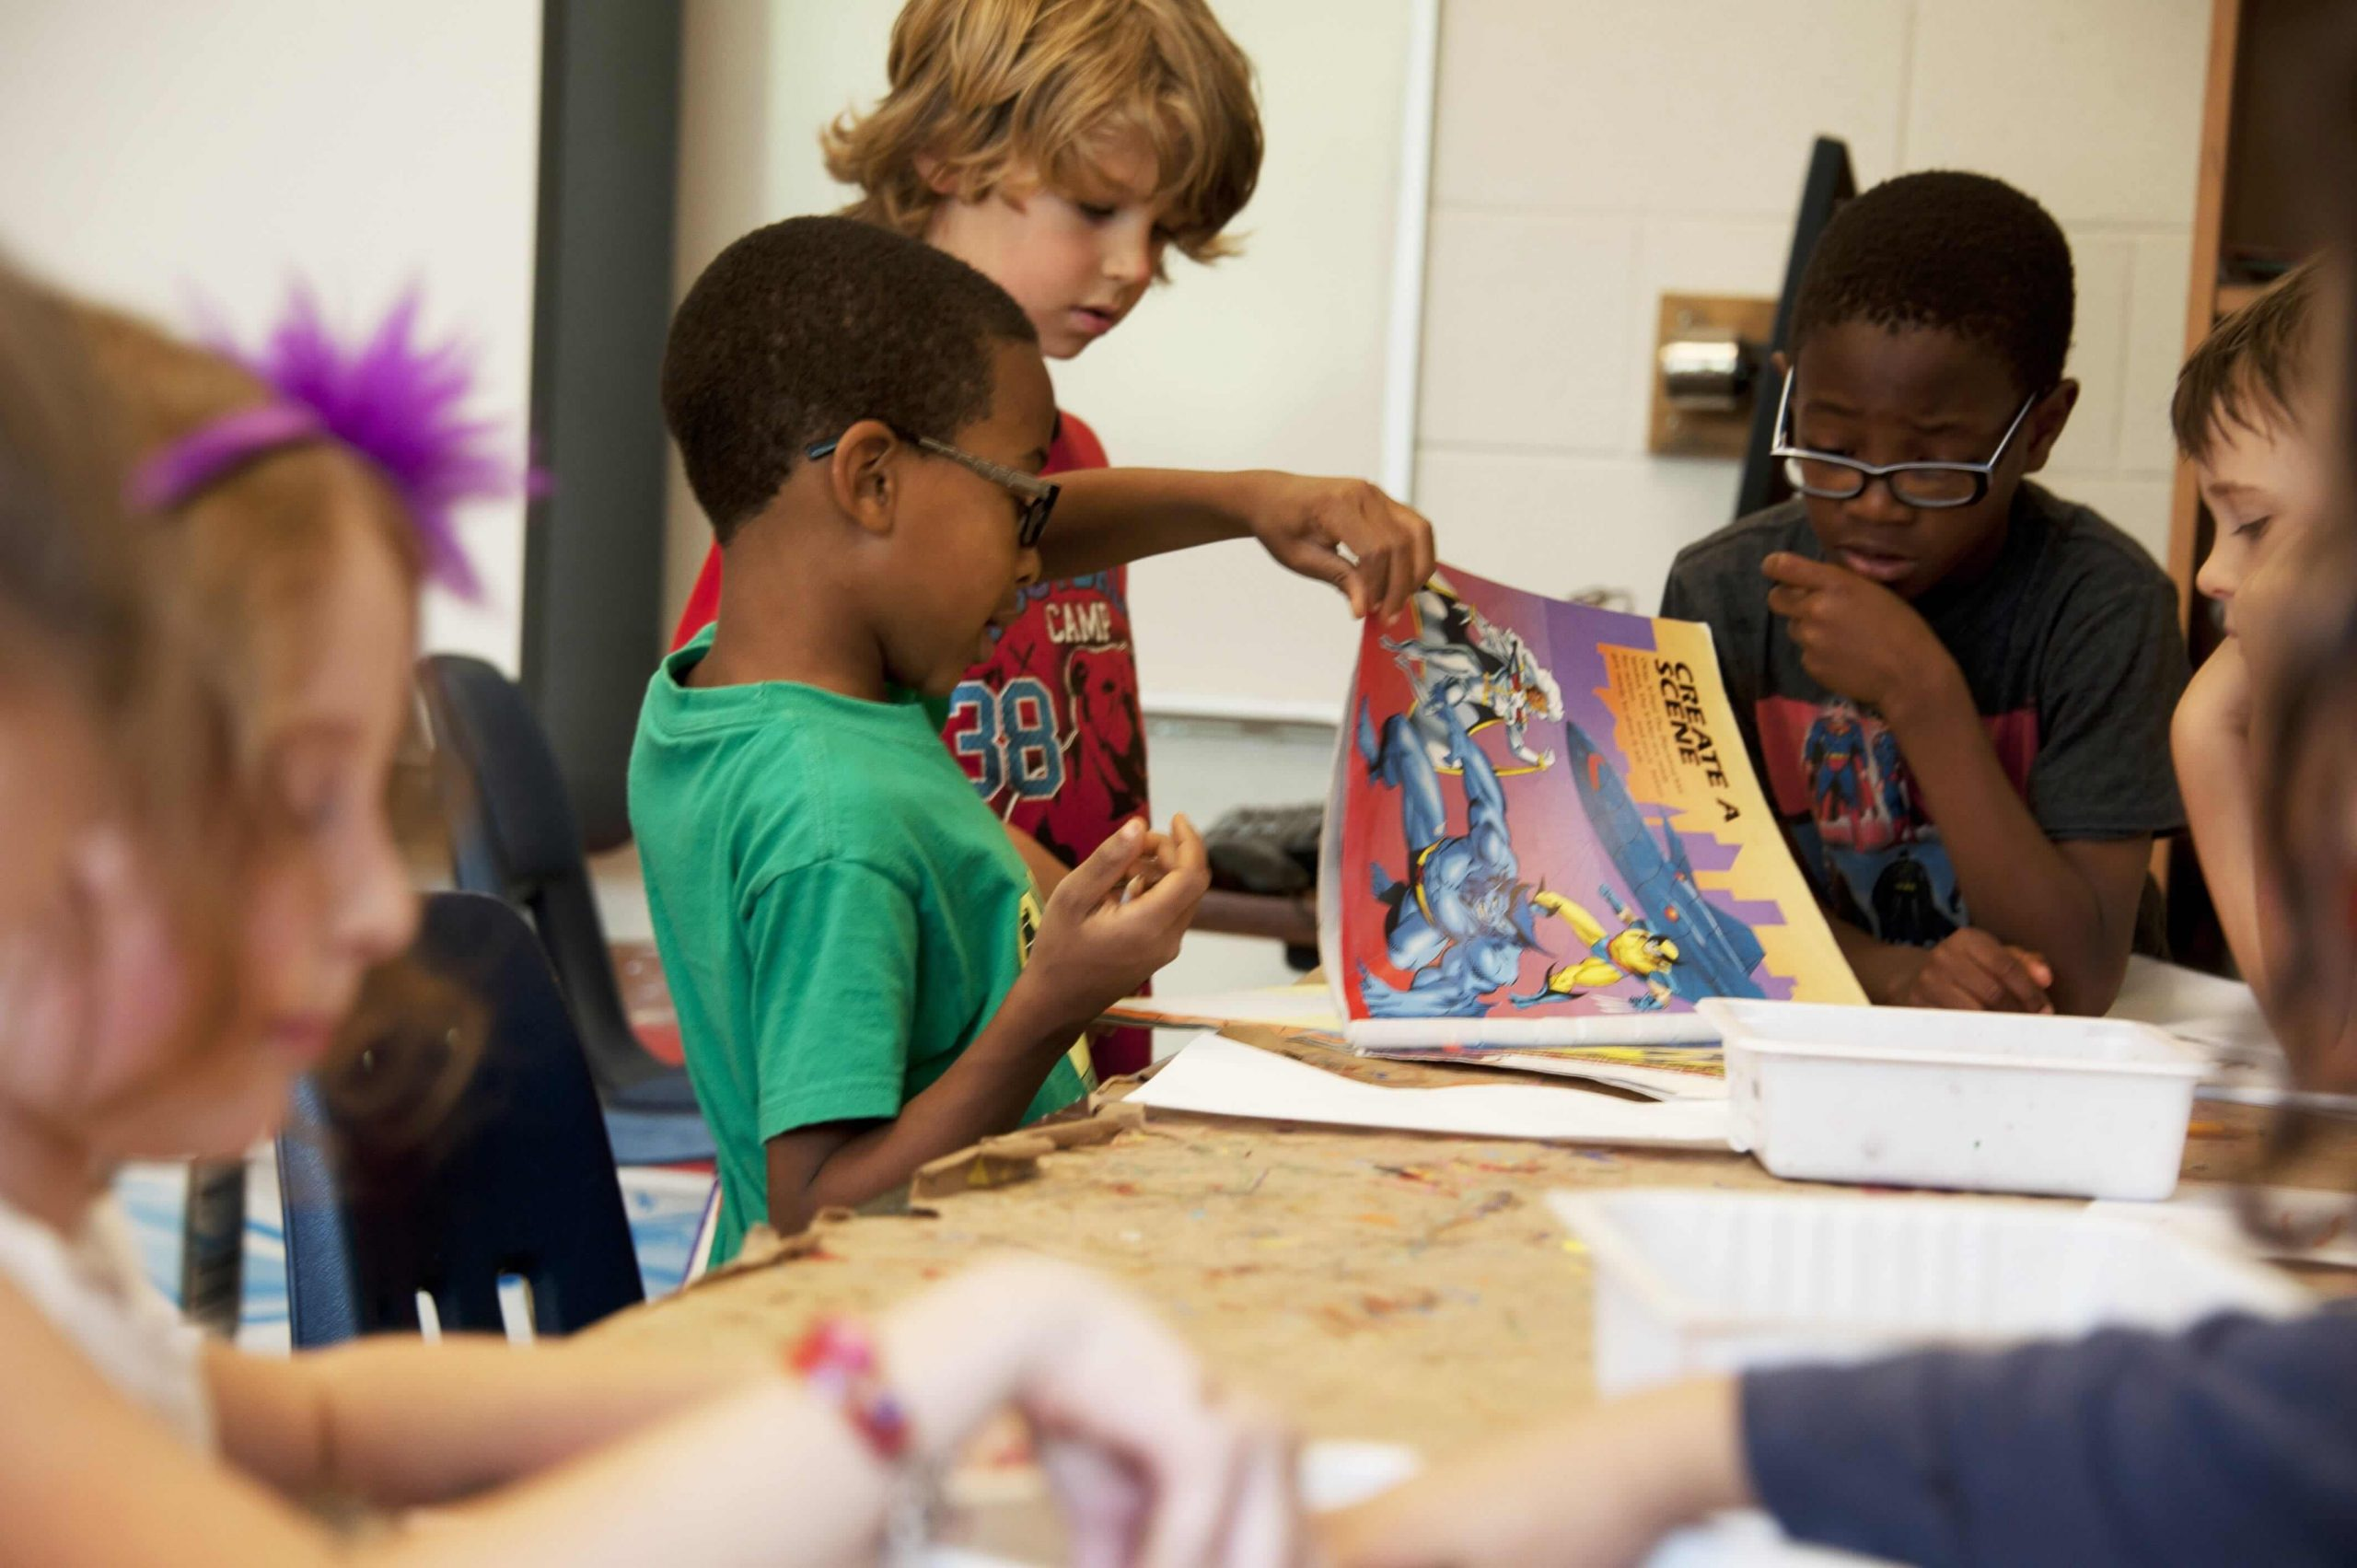 group of kids making art